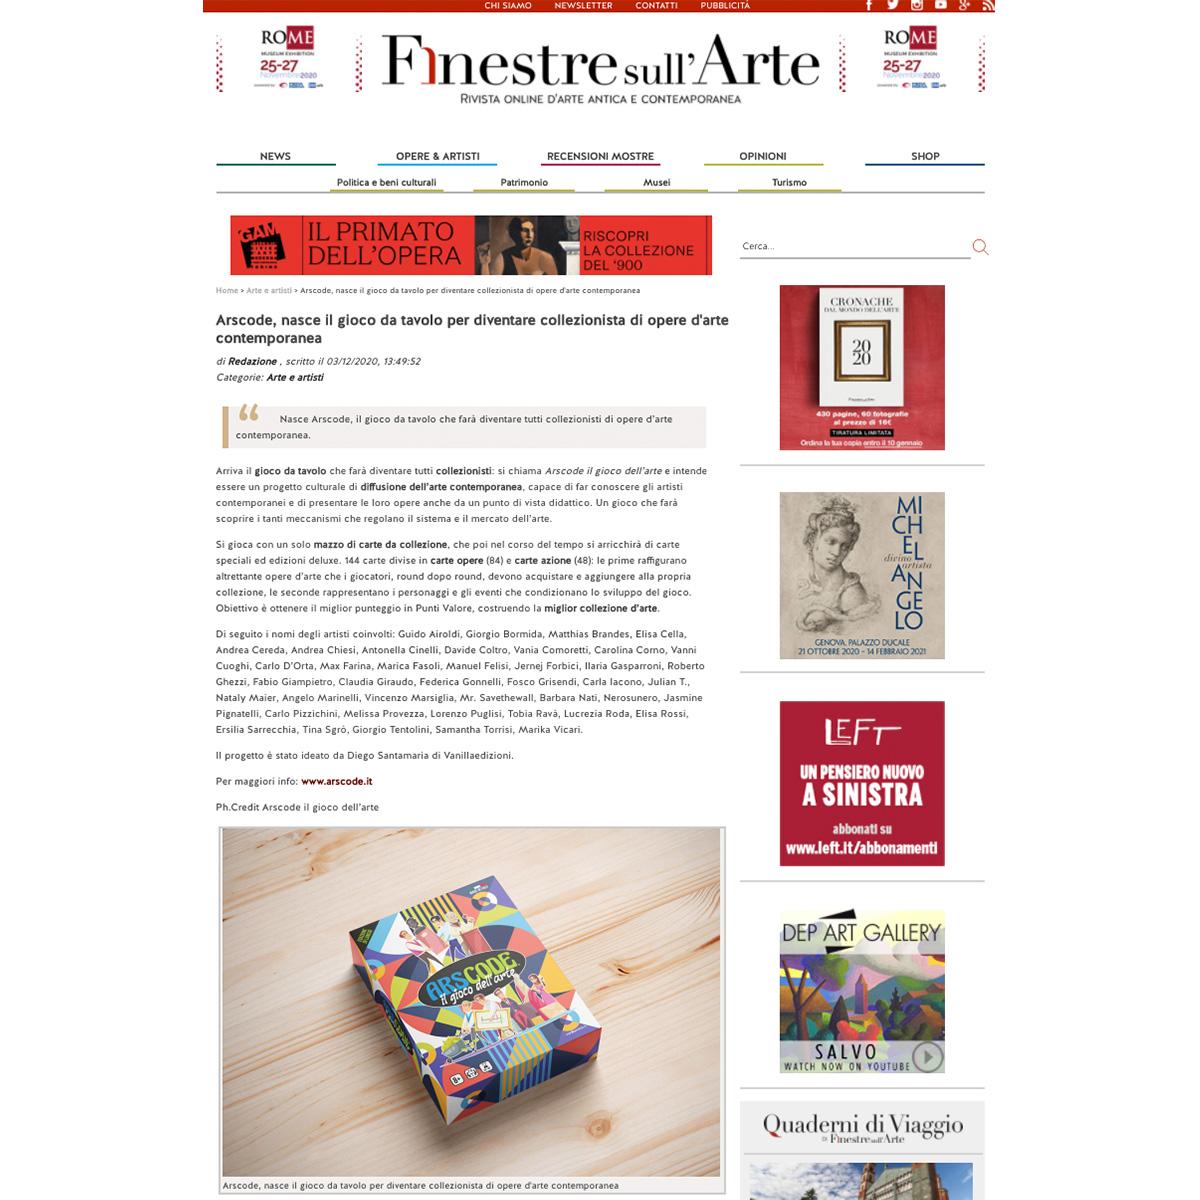 Arscode, nasce il gioco da tavolo per diventare collezionista di opere d'arte contemporanea | Finestre sull'Arte